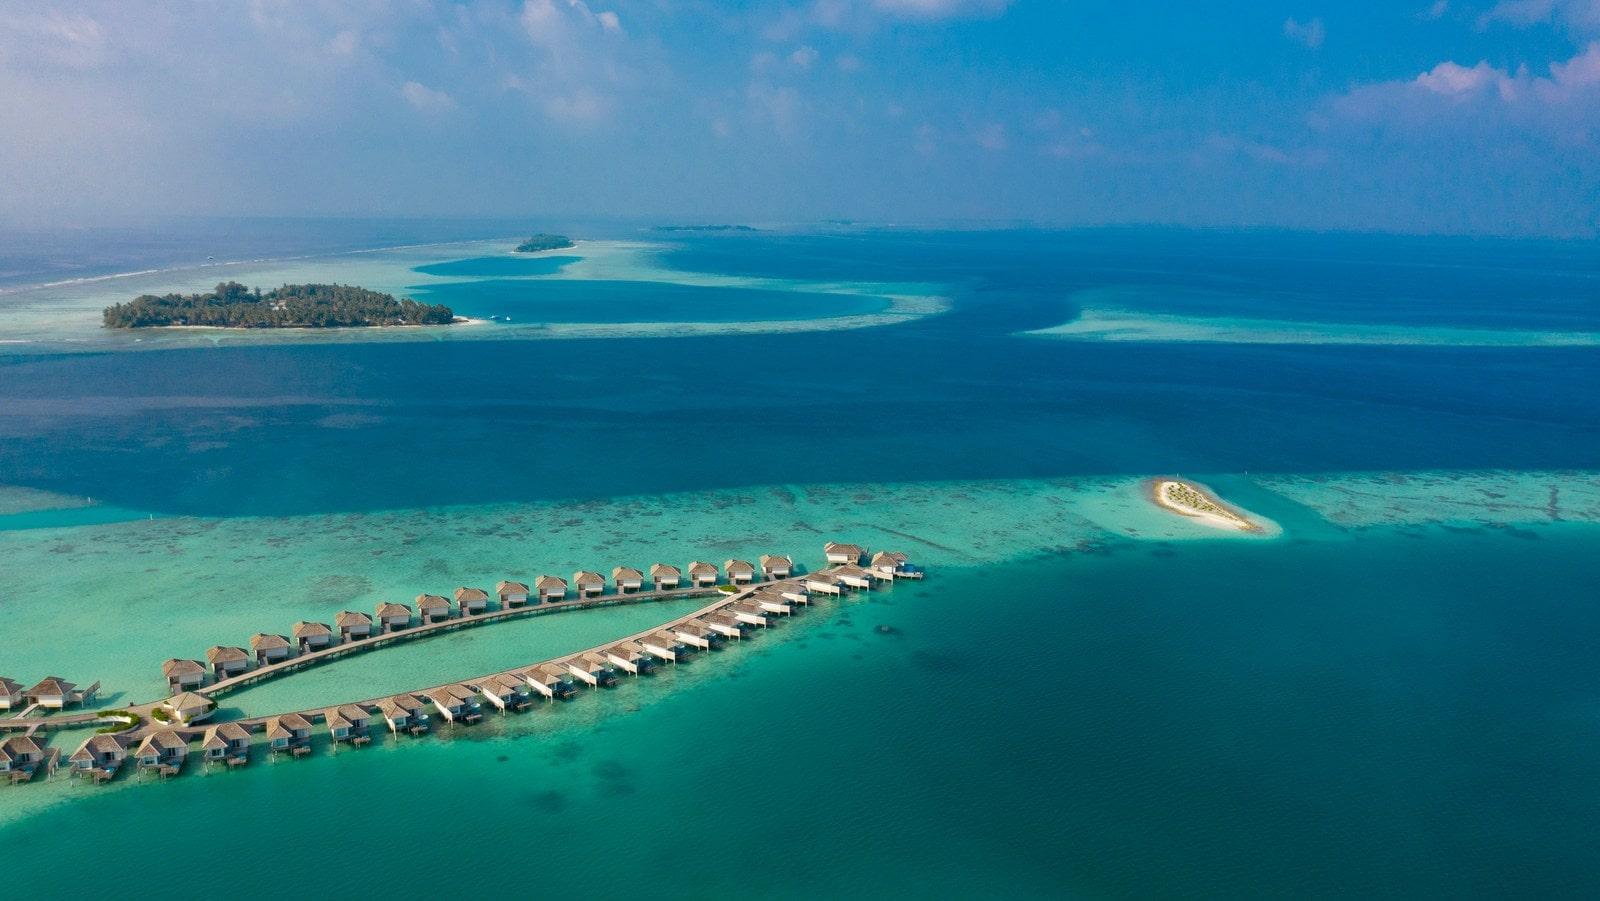 Мальдивы, отель Kandima Maldives, водные виллы